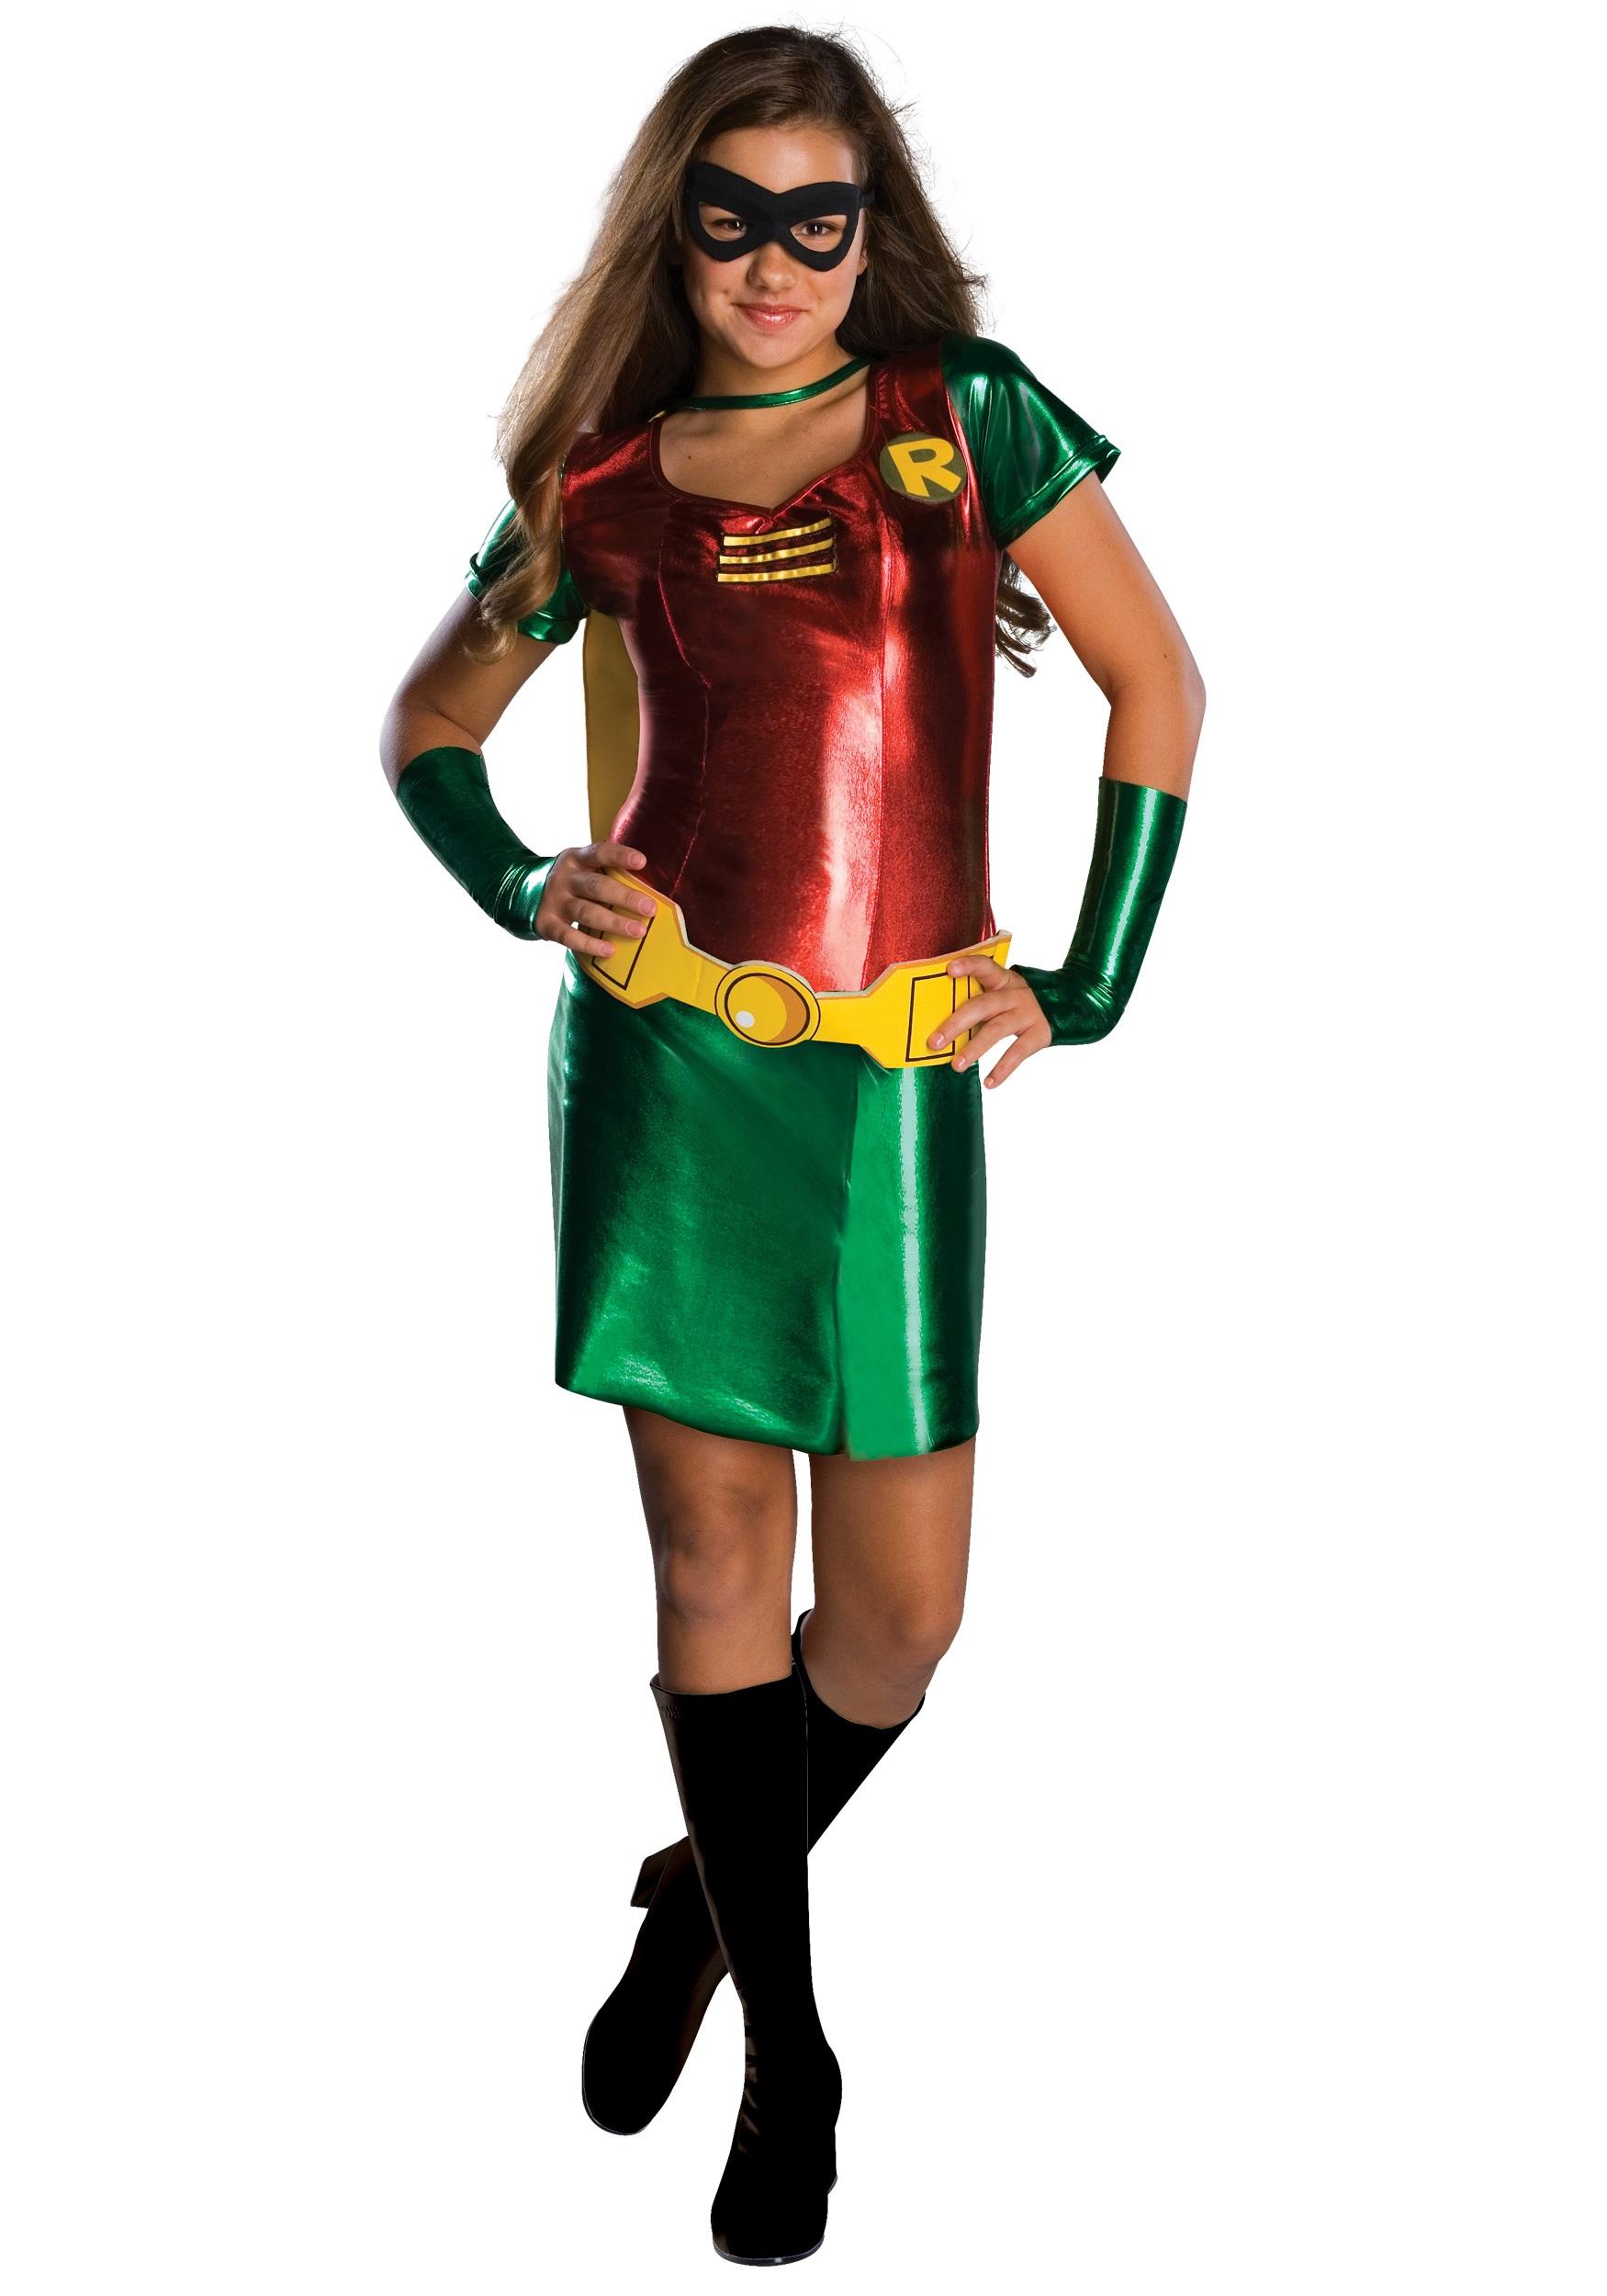 Tween Girls Robin Costume  sc 1 st  Halloween Costumes & Tween Girls Robin Costume - Halloween Costumes